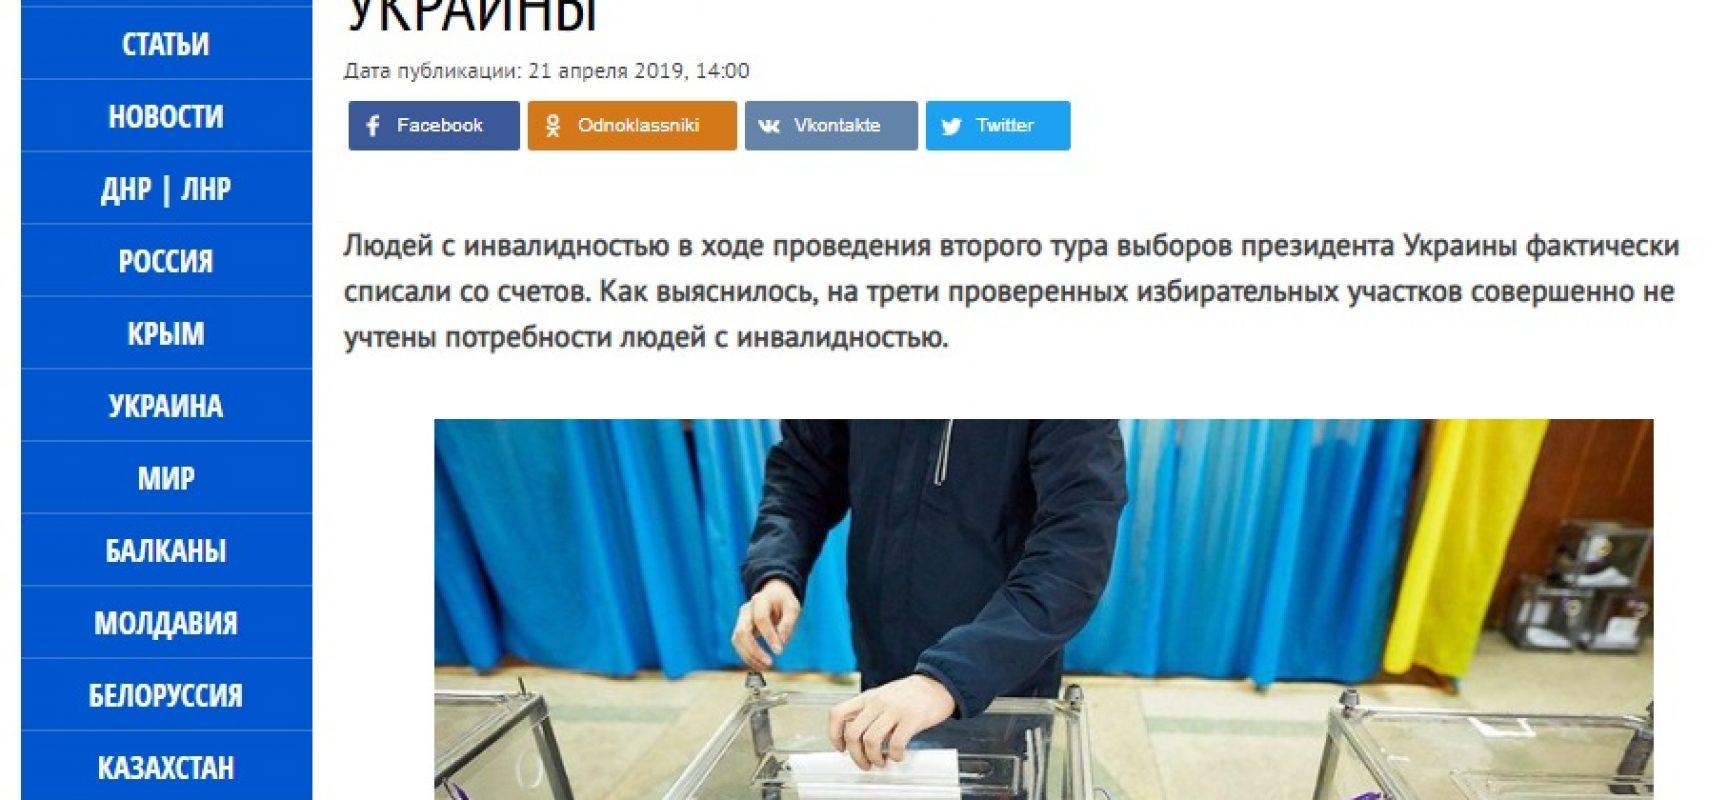 Маніпуляція: ЦВК України не врахувала, що люди з інвалідністю –  теж громадяни України